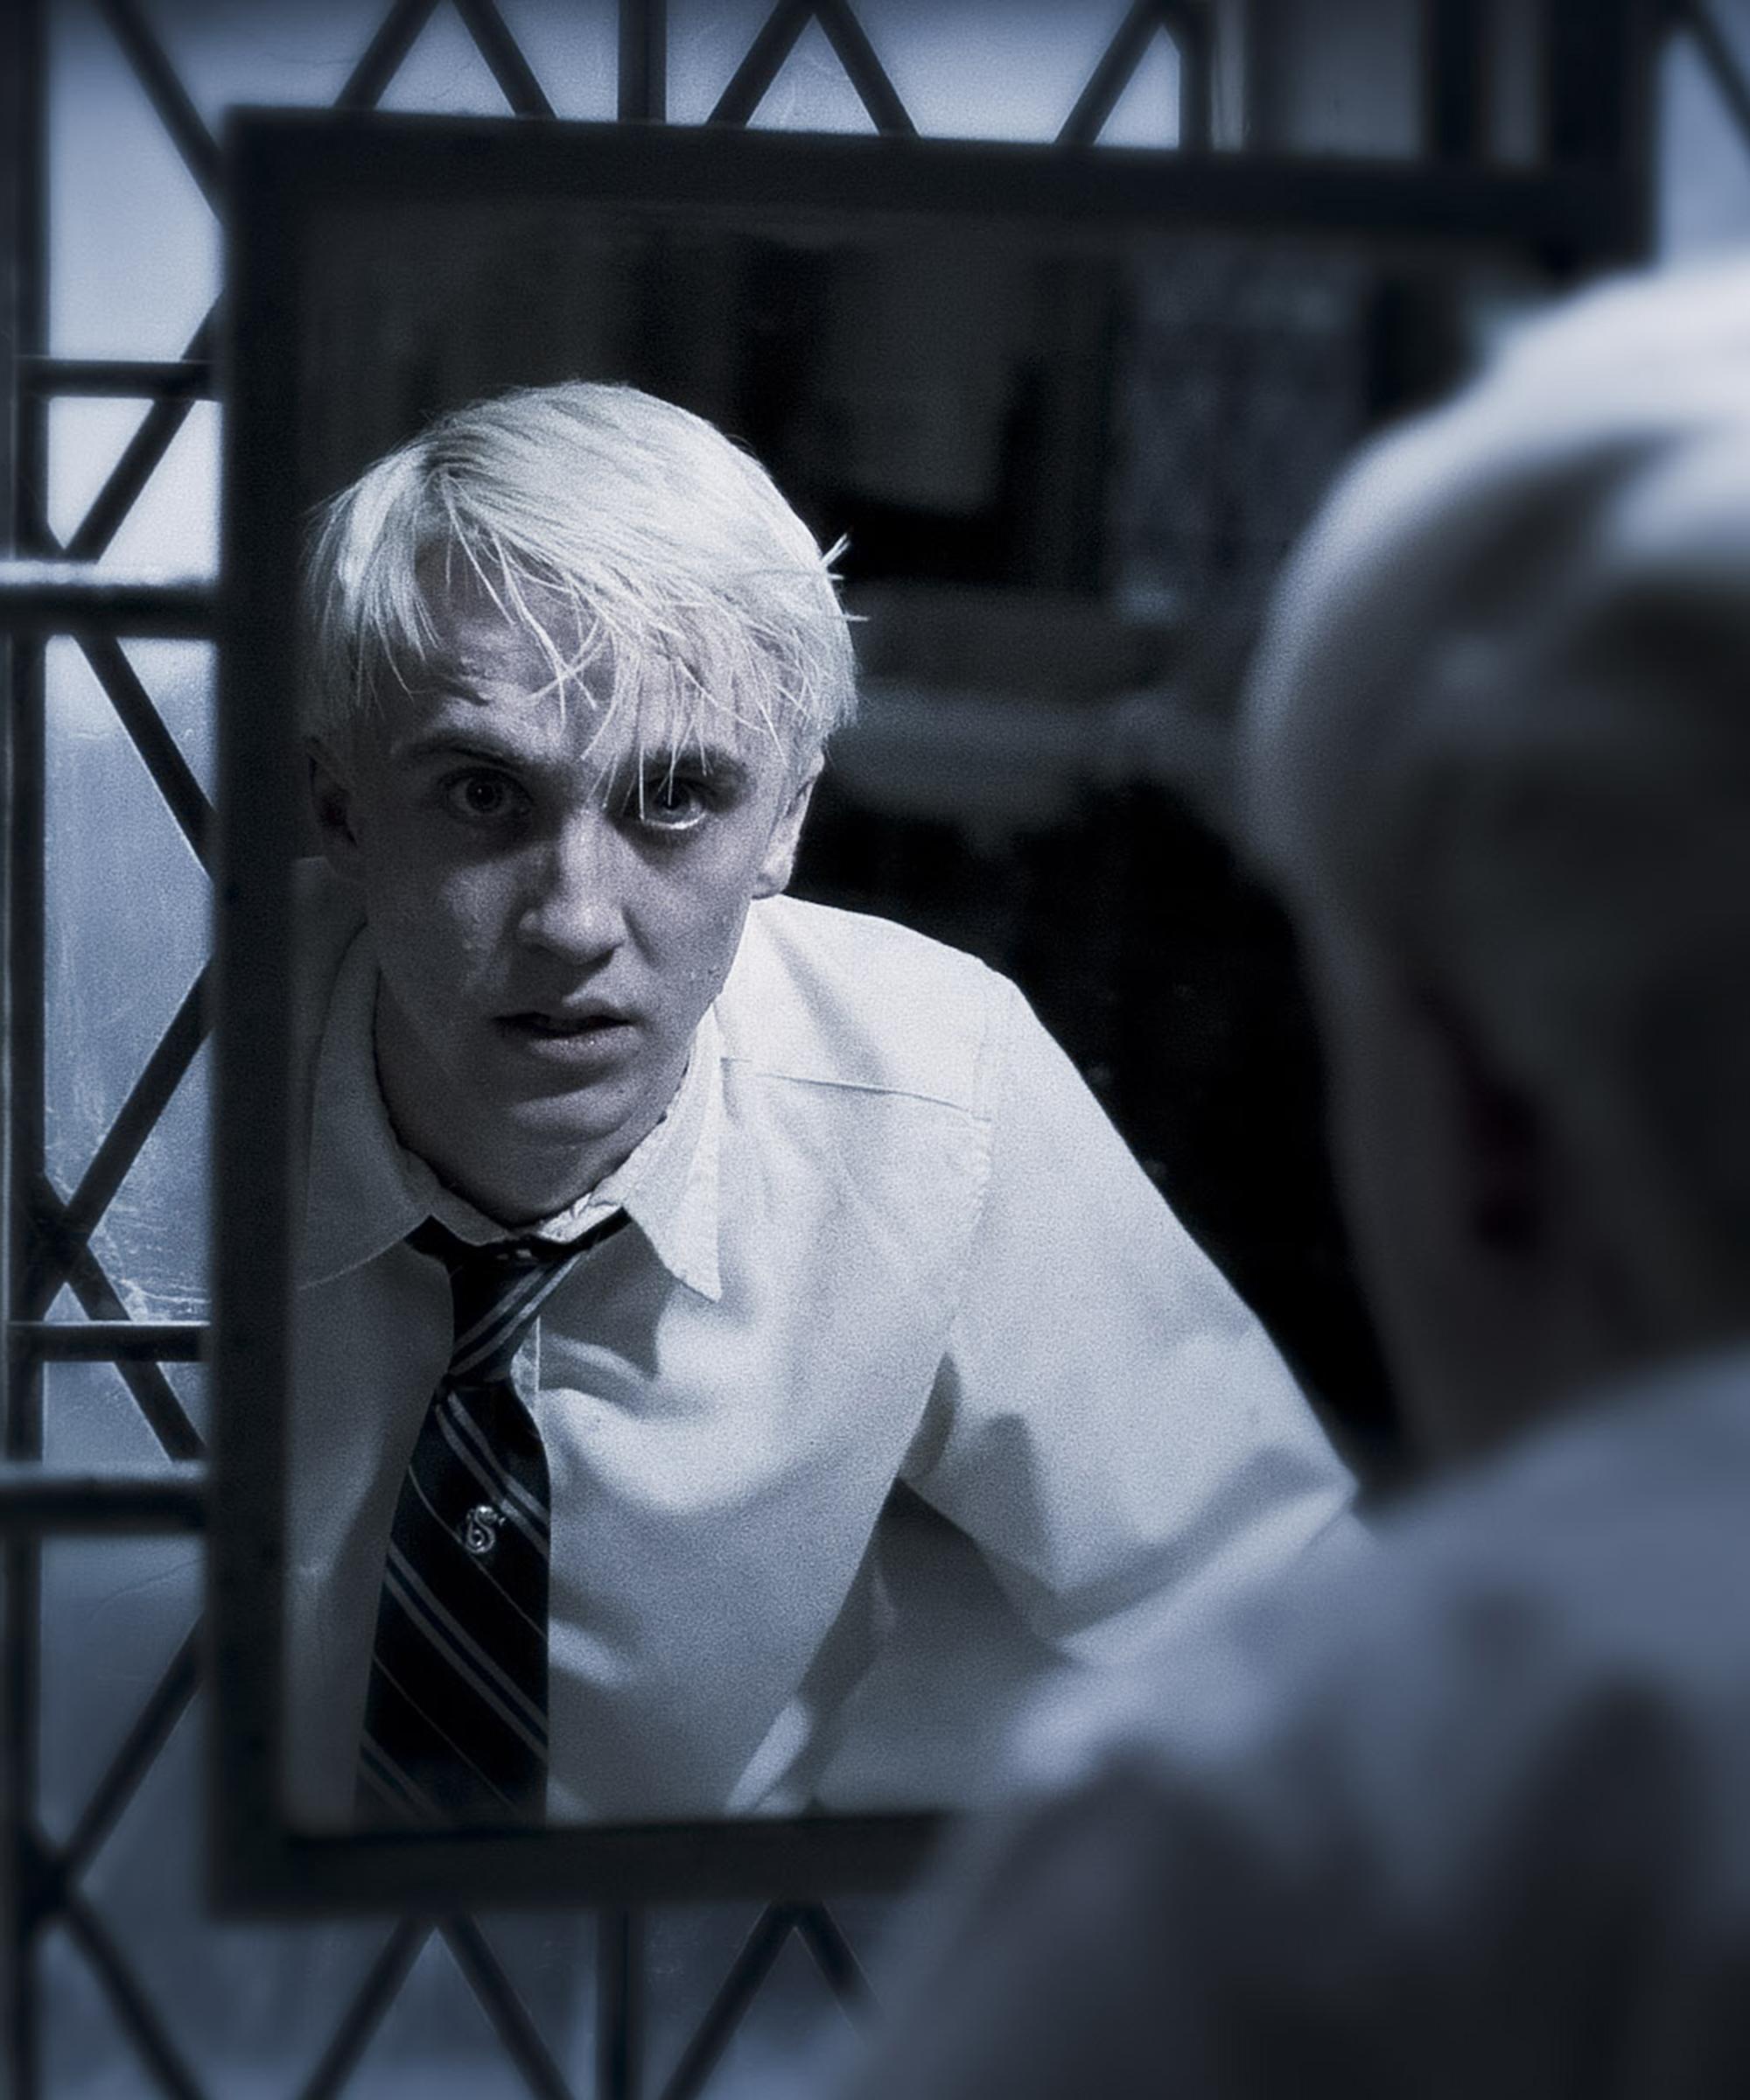 Diese Geloschte Szene Aus Harry Potter Beweist Dass Draco Doch Nicht So Schrecklich War Tom Felton Draco Malfoy Draco Draco Malfoy Aesthetic